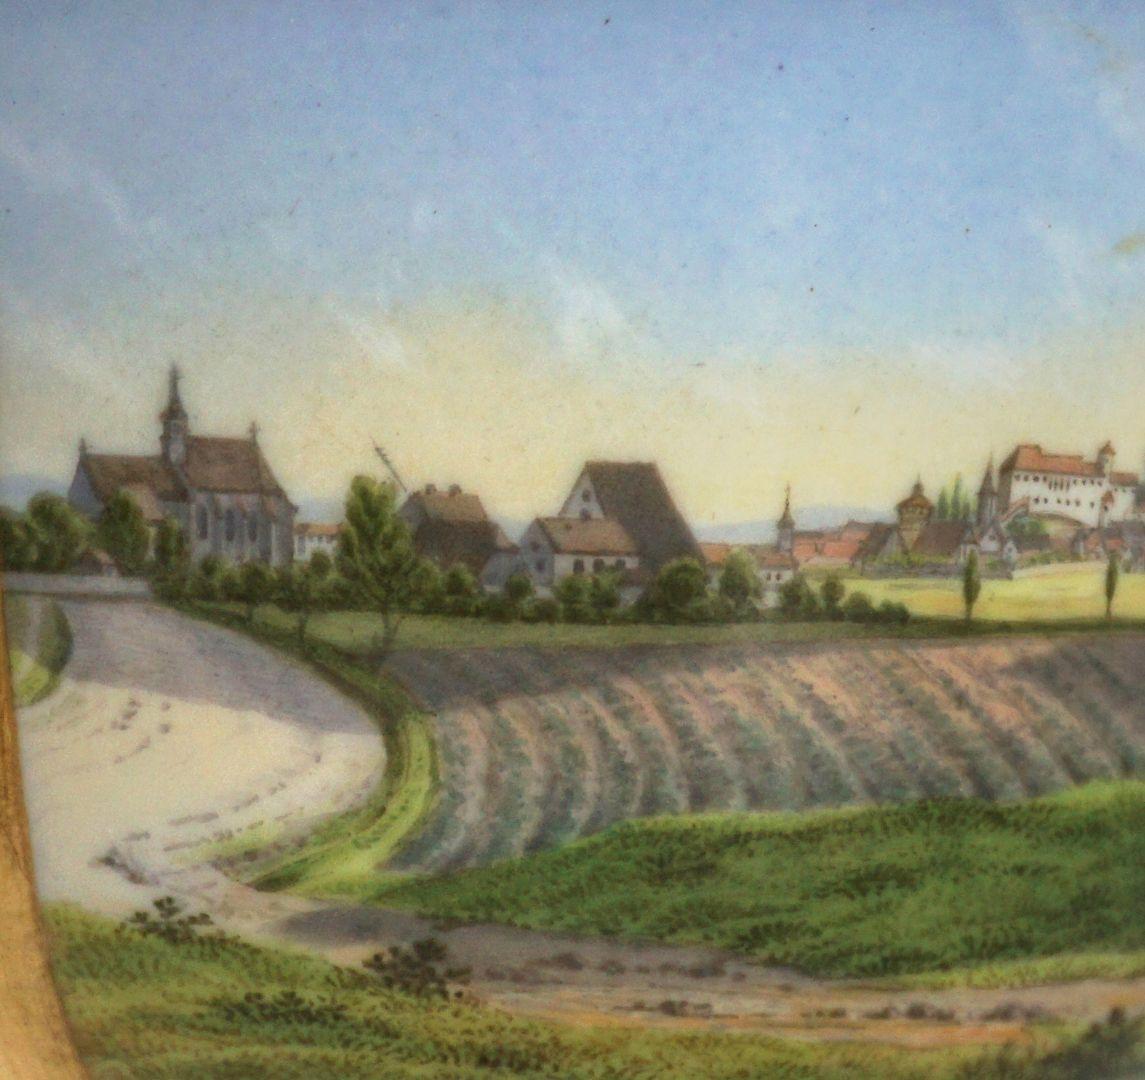 Tasse mit Nürnberg-Ansicht von Südwesten (links, im Westen, die Kirche St. Leonhard) Detailansicht mit St. Leonhard